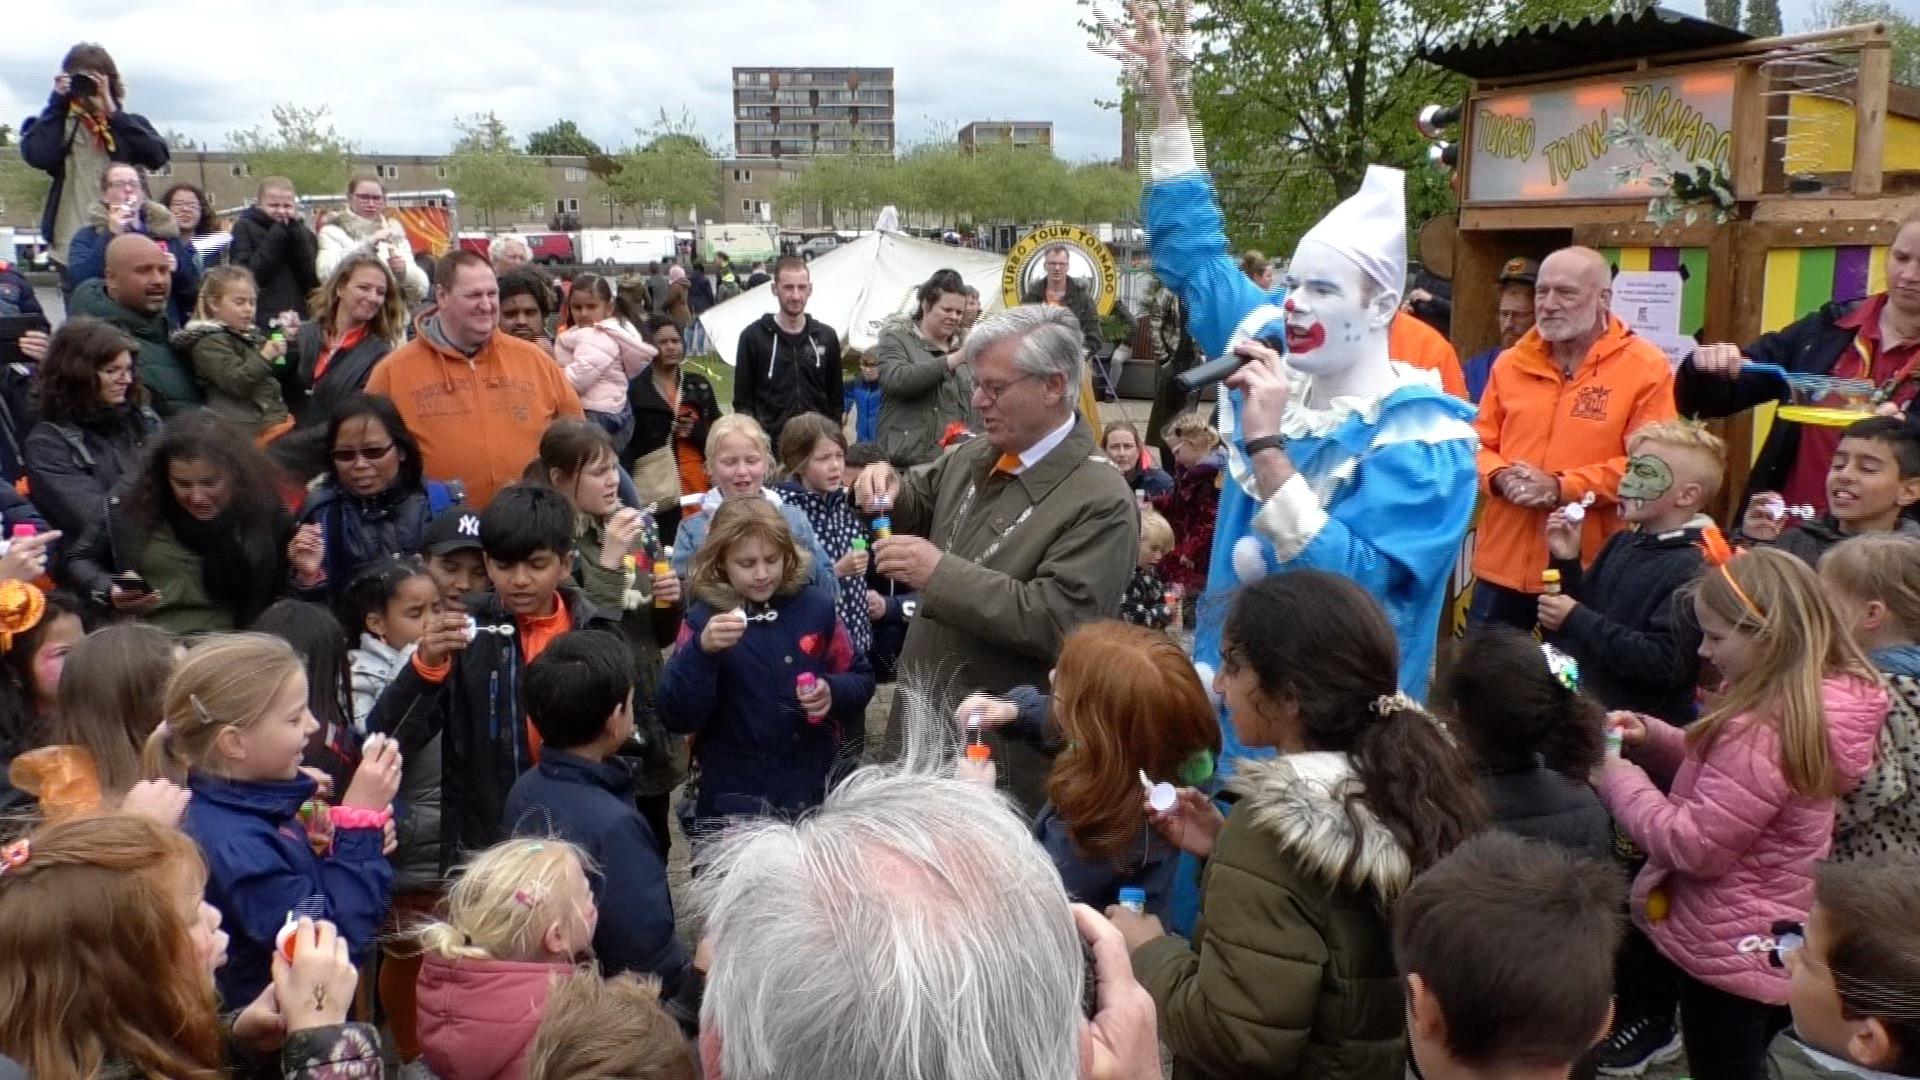 Ook dit jaar weer een gezellige Koningsdag in Zoetermeer!